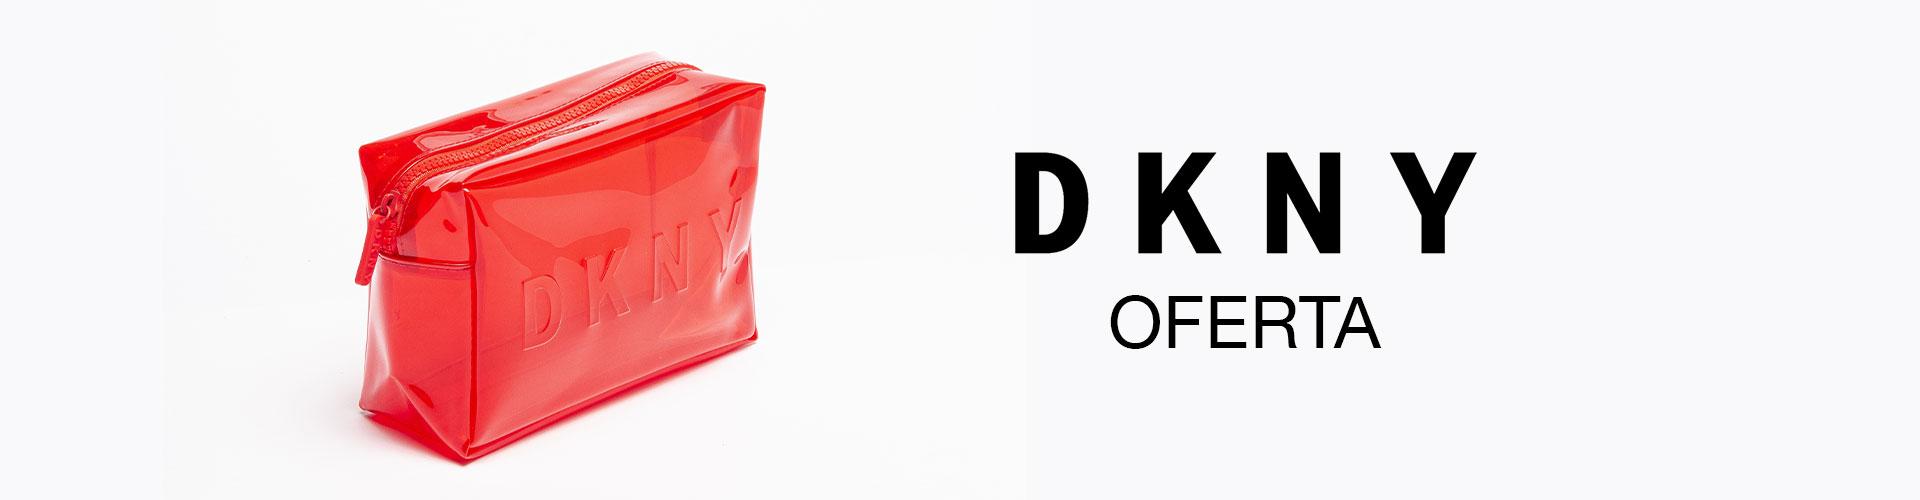 Oferta DKNY